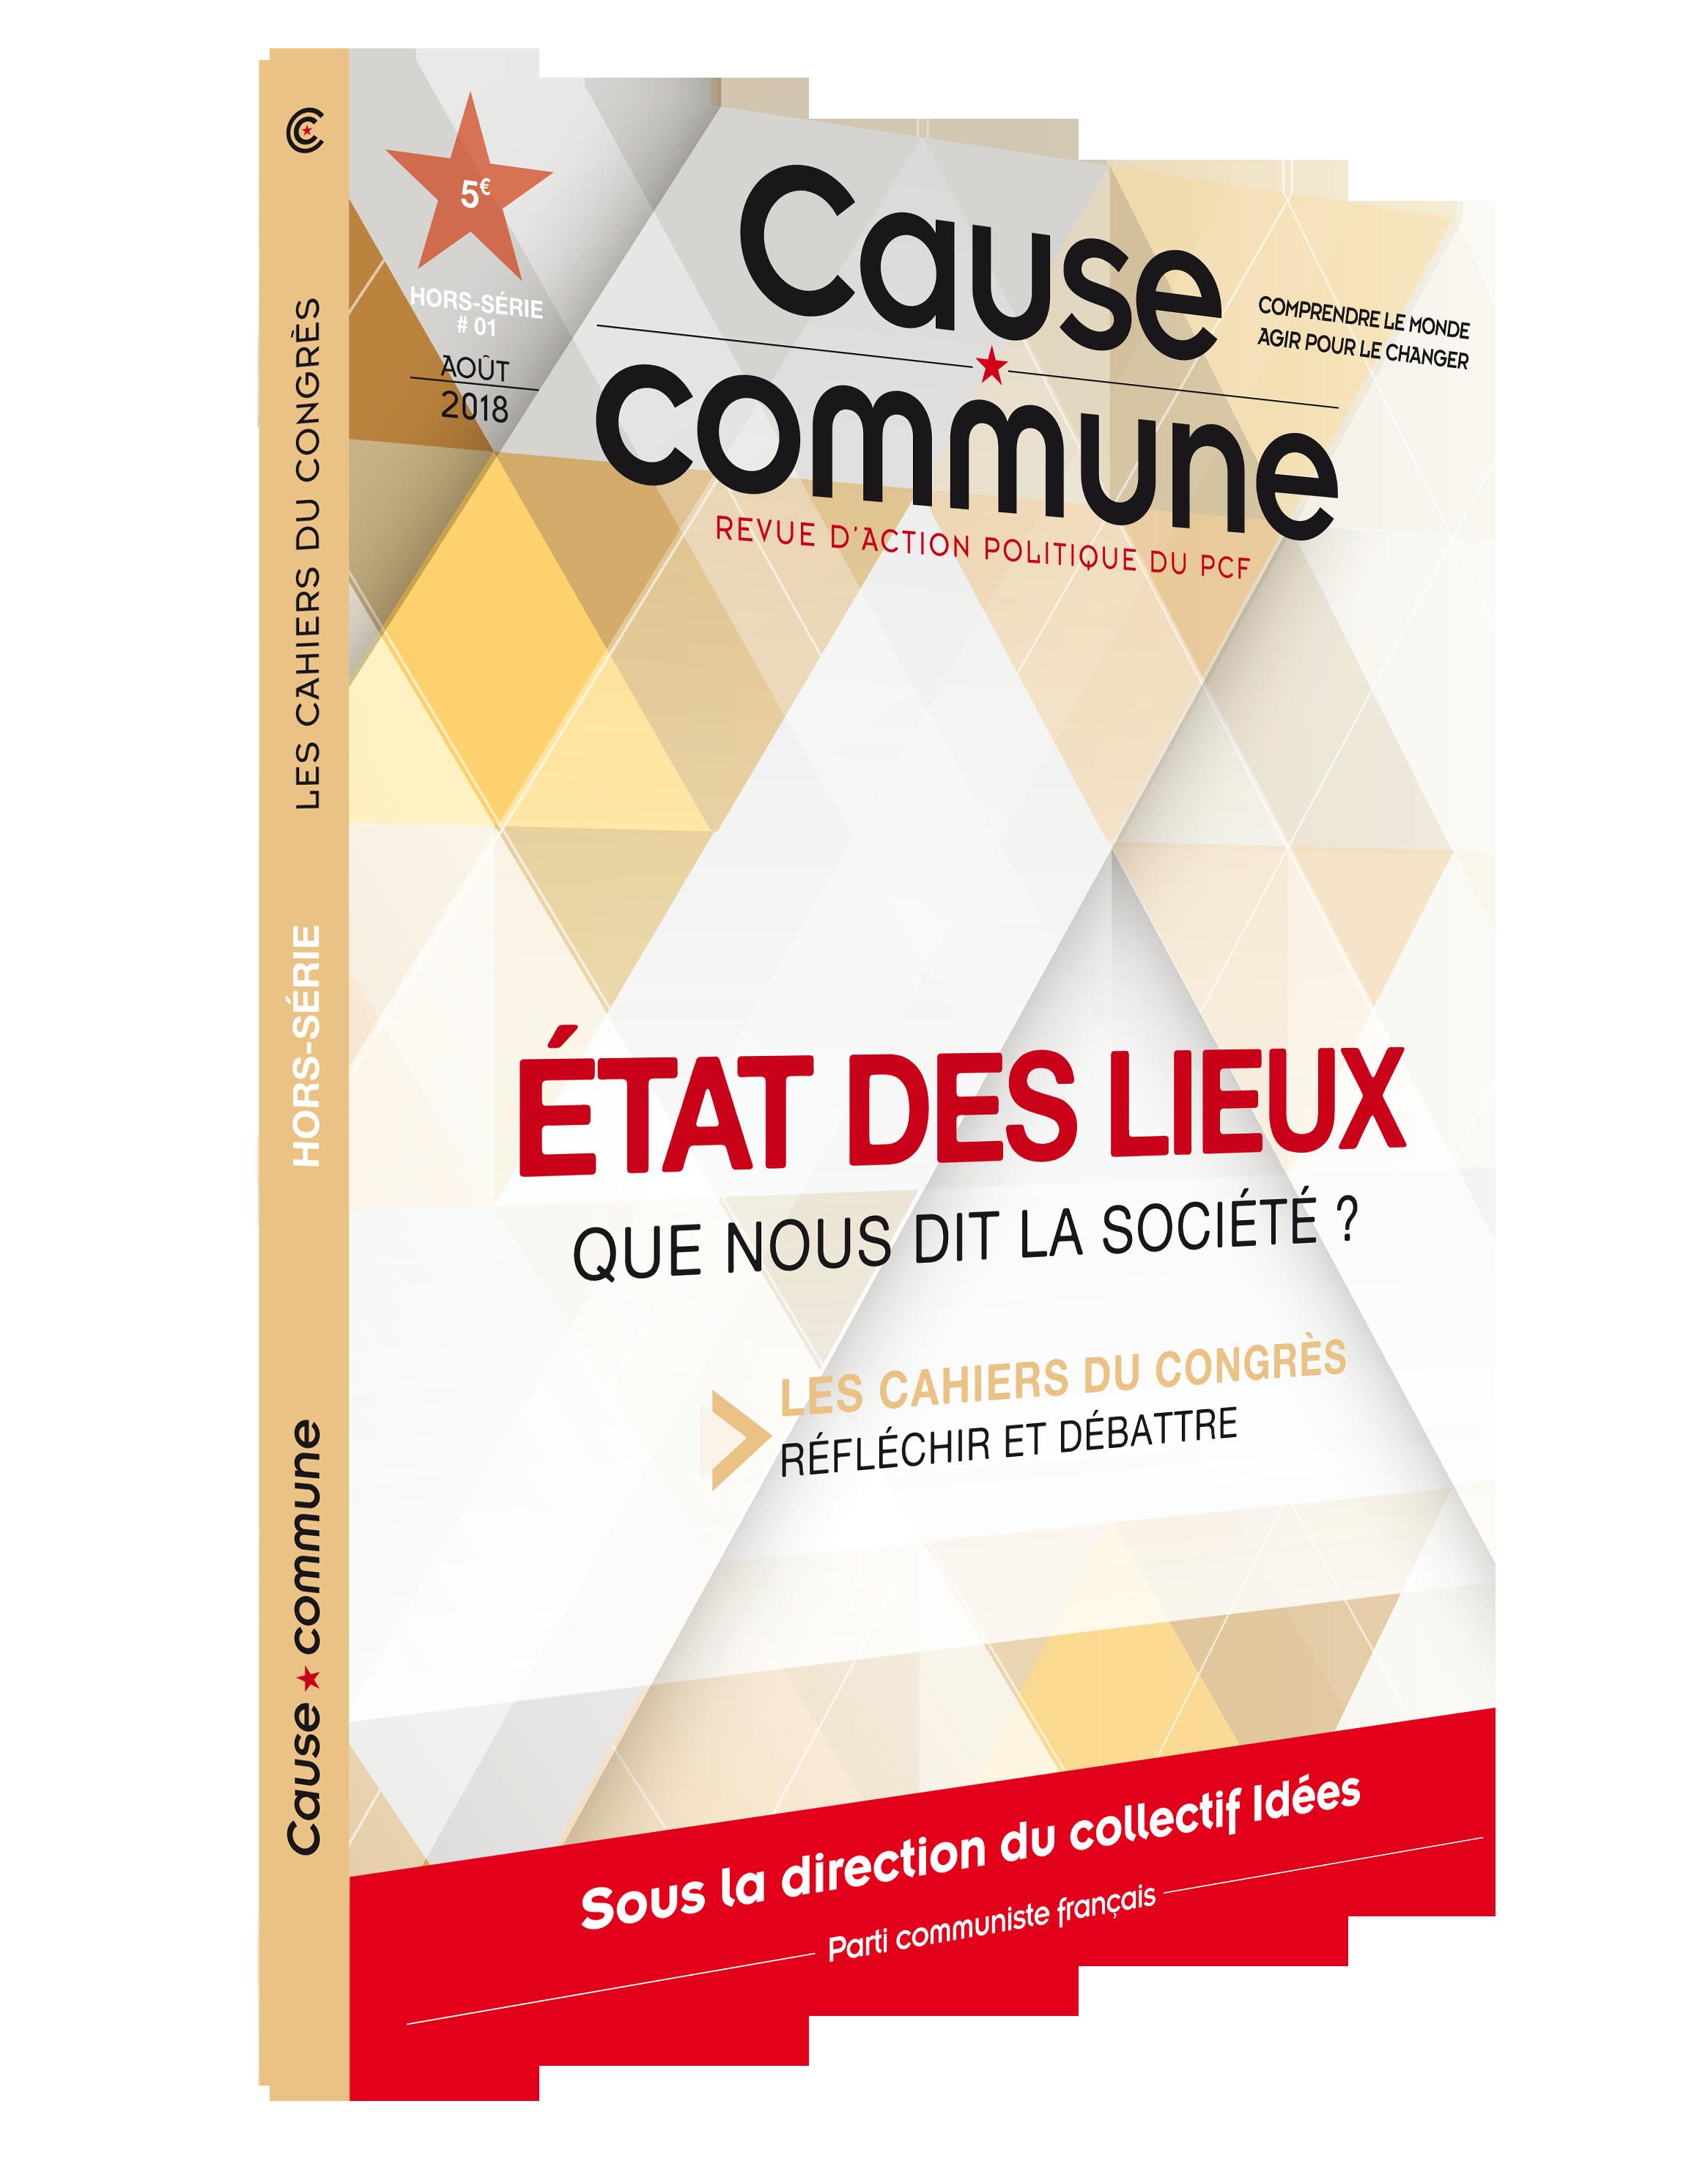 COUV_DER-Cahiers-Congrès-1.png